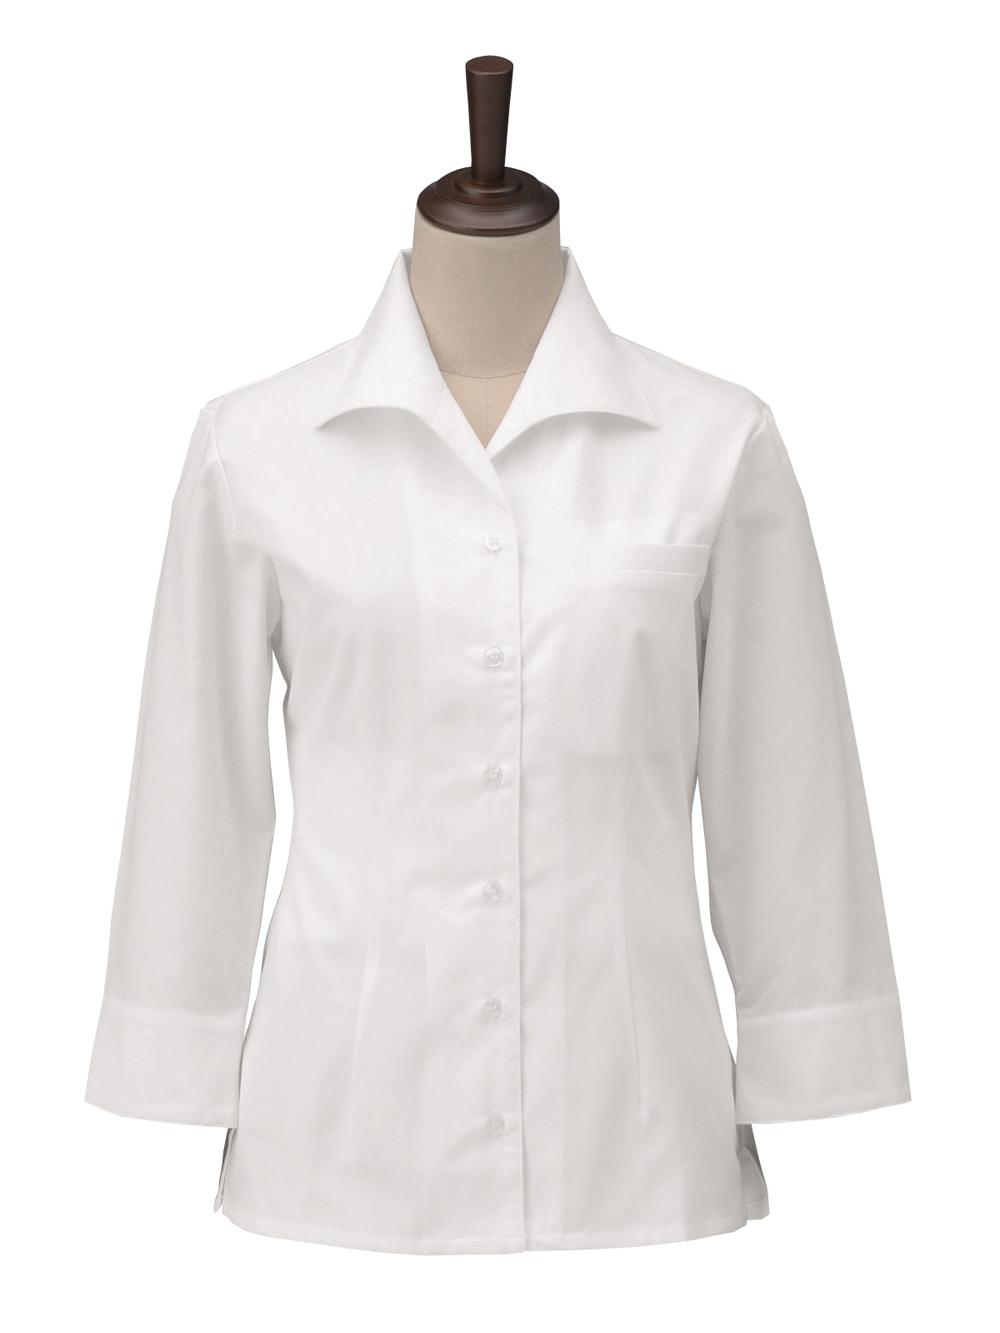 女子オープンシャツ 七分袖 S4301